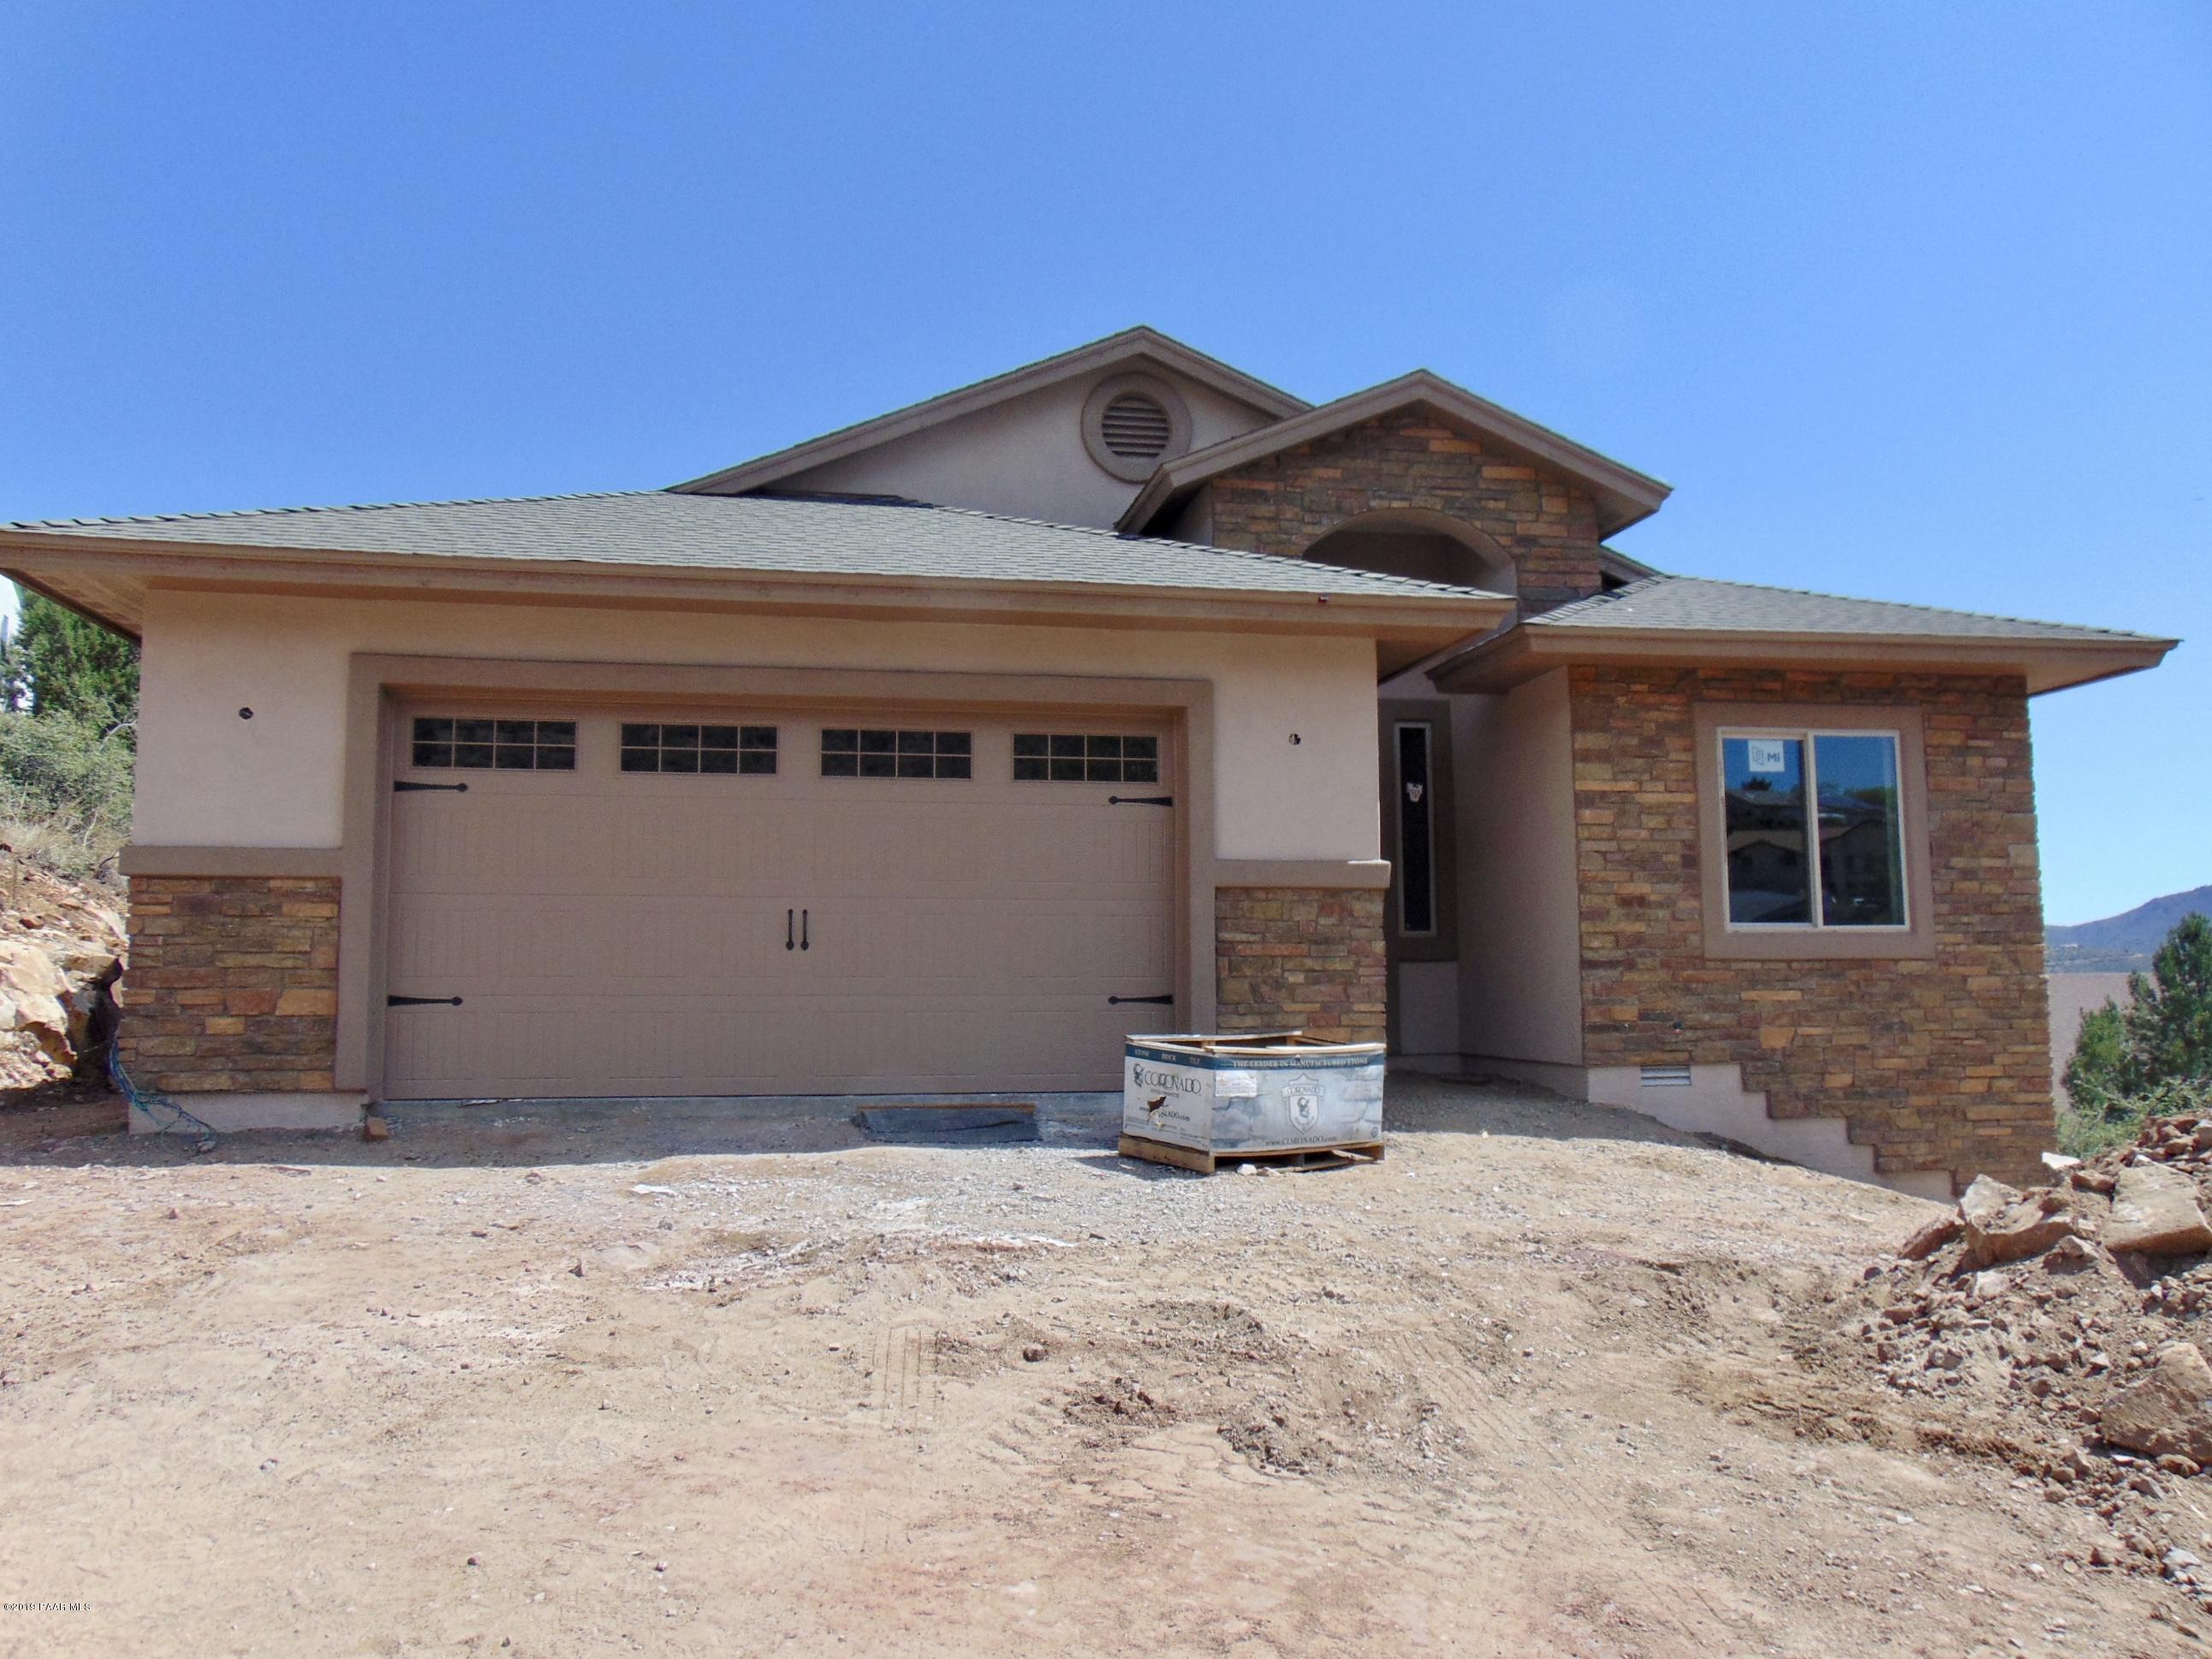 Photo of 4714 Turnstone, Prescott, AZ 86301